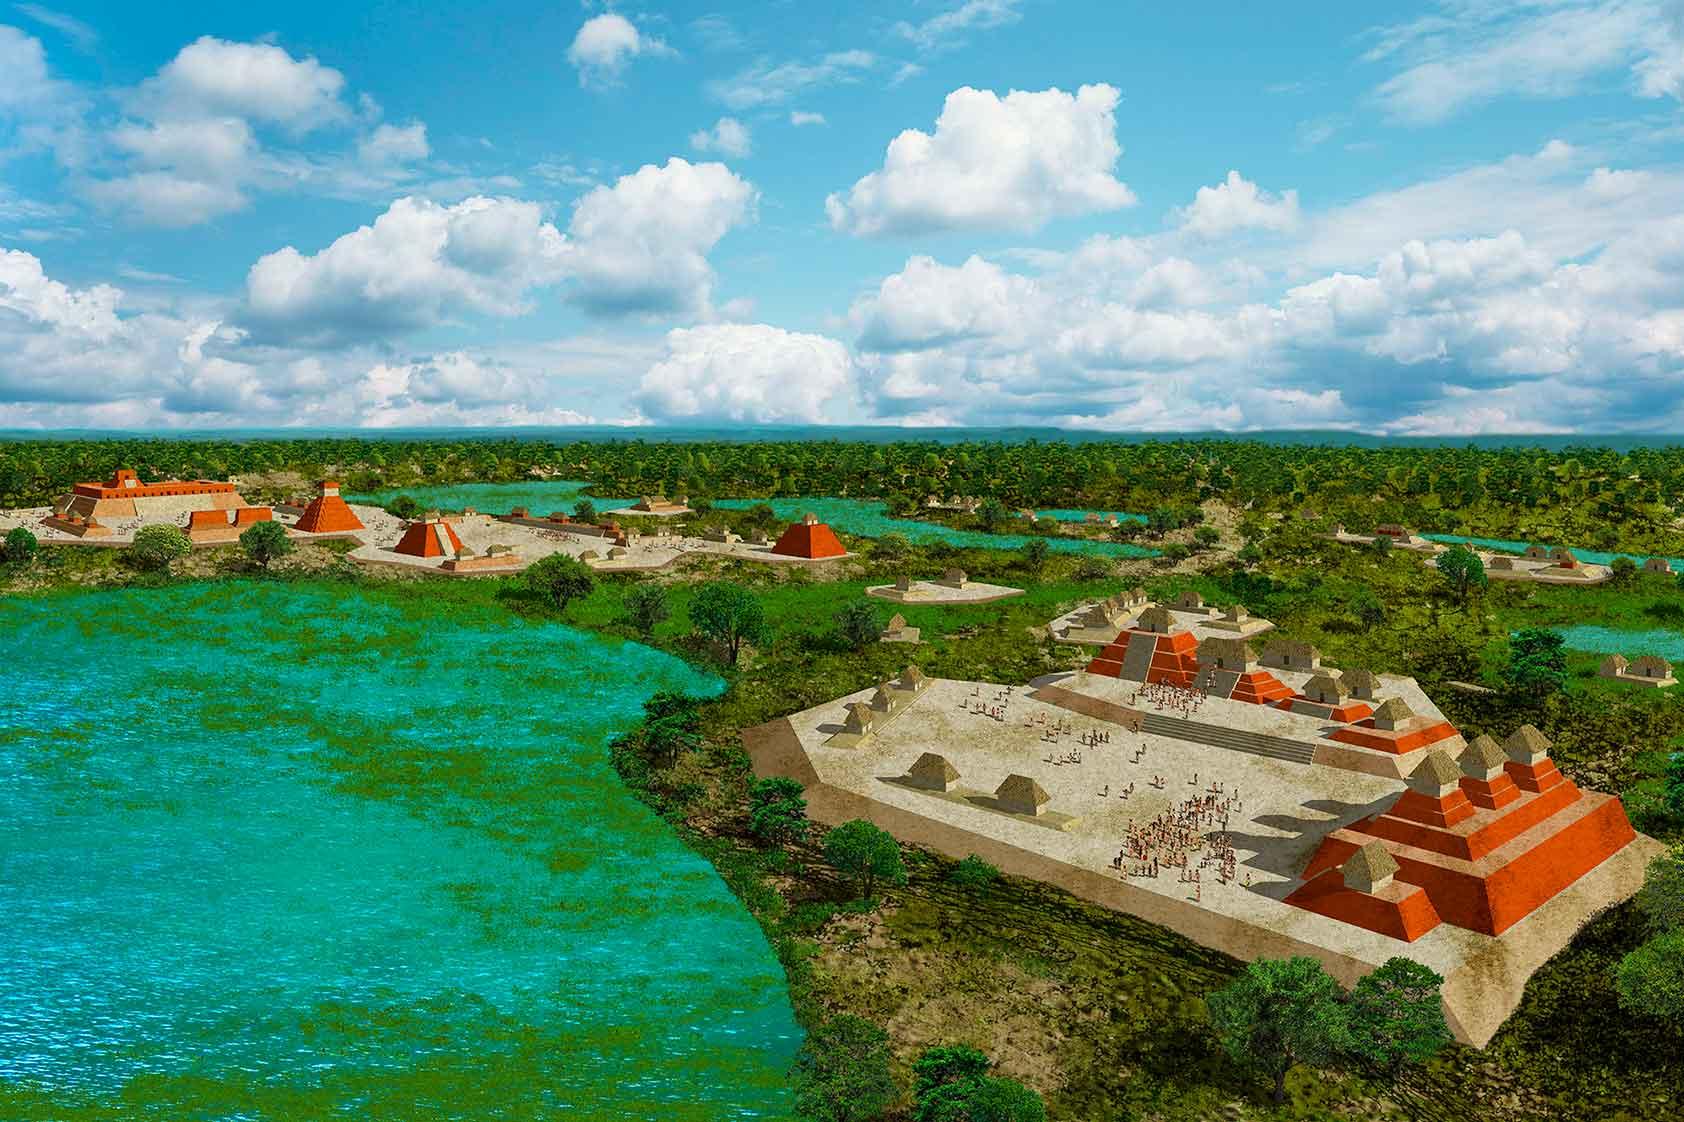 Los hallazgos de la ciudad maya perdida que hoy llamamos La Corona